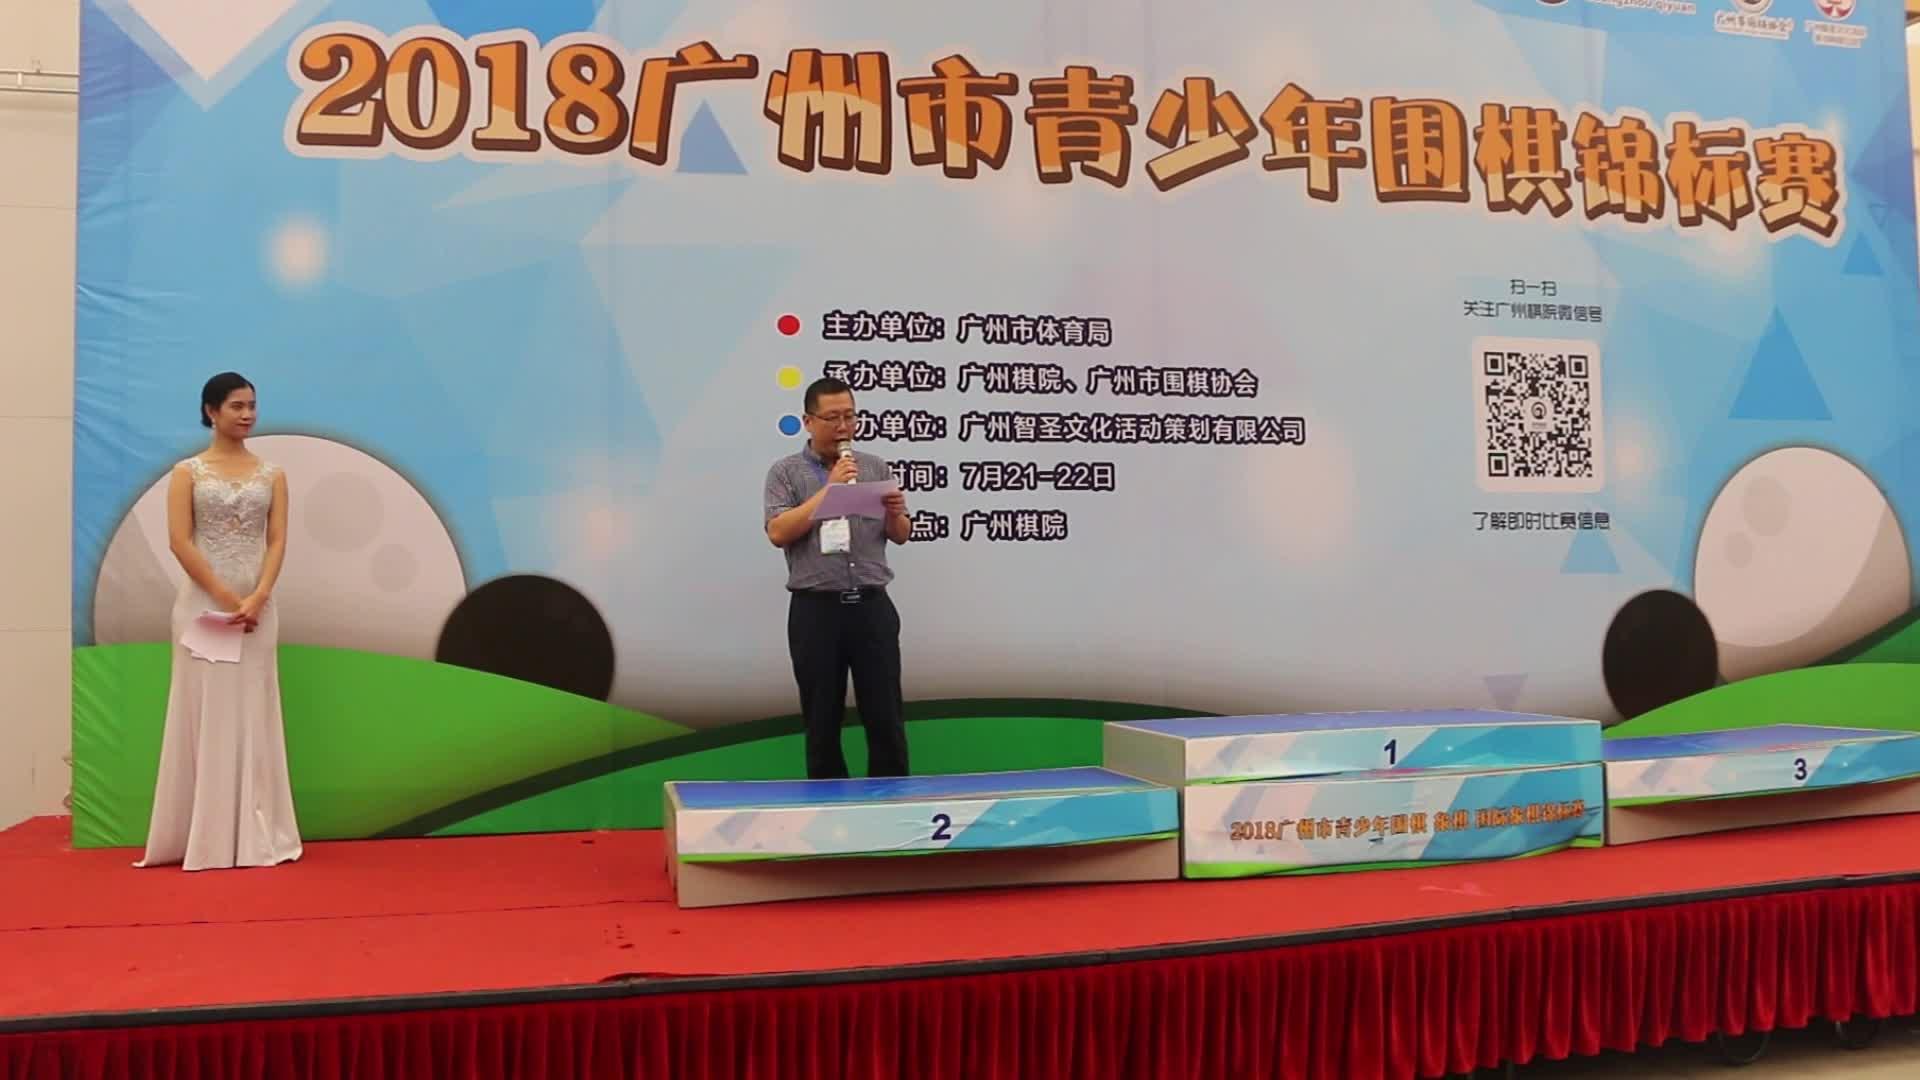 2018年广州市青少年围棋锦标赛圆落下帷幕.mp4